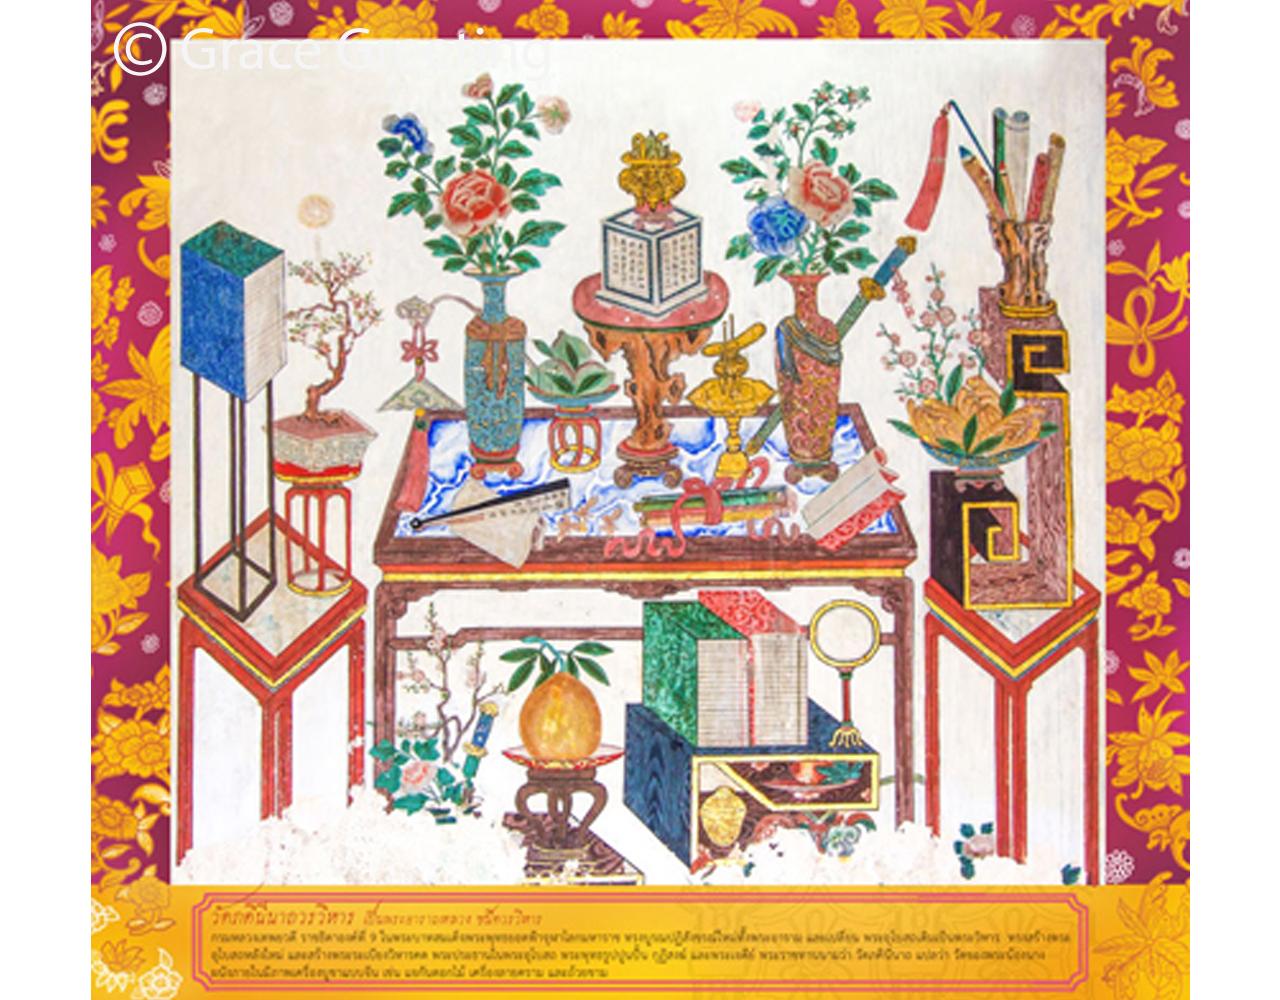 ปฏิทินตั้งโต๊ะ ปี 2562 CT.6201 Thai Painting Art Jul